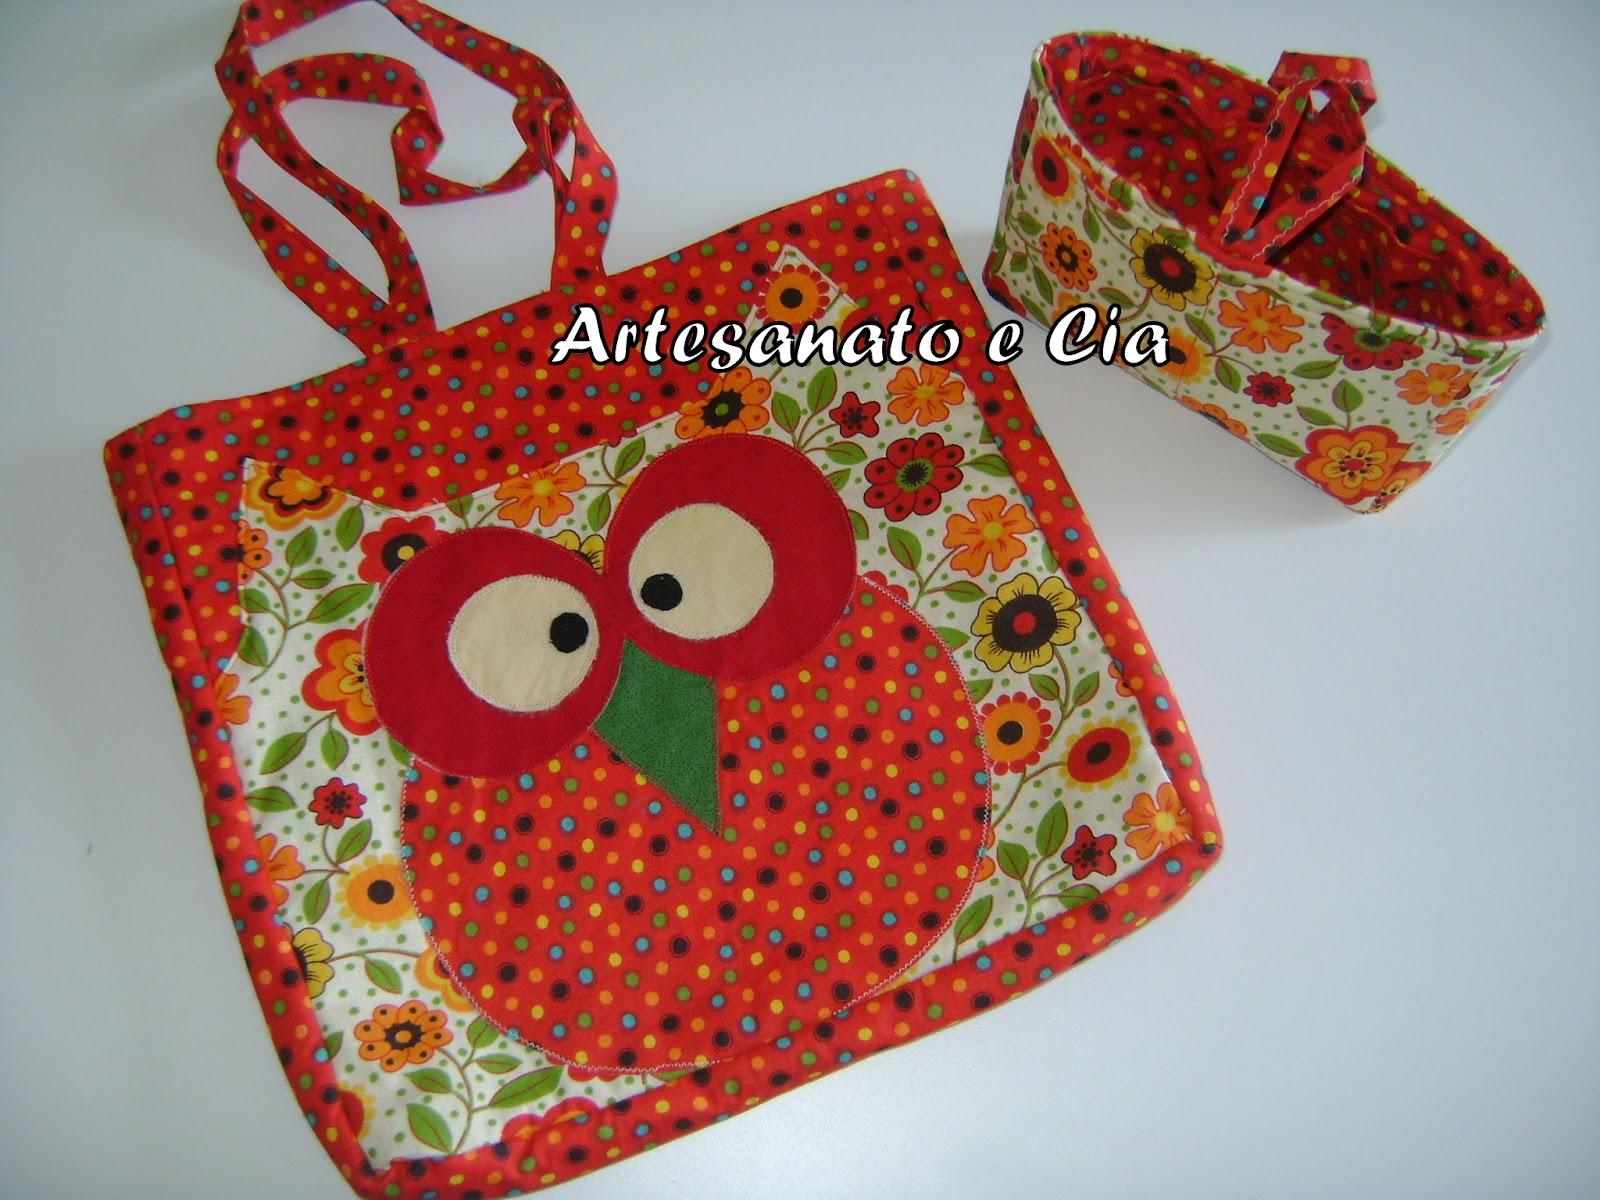 Loja Artesanato Rio De Janeiro ~ Artesanato e Cia Alguns dos meus trabalhos e kits de tecidos